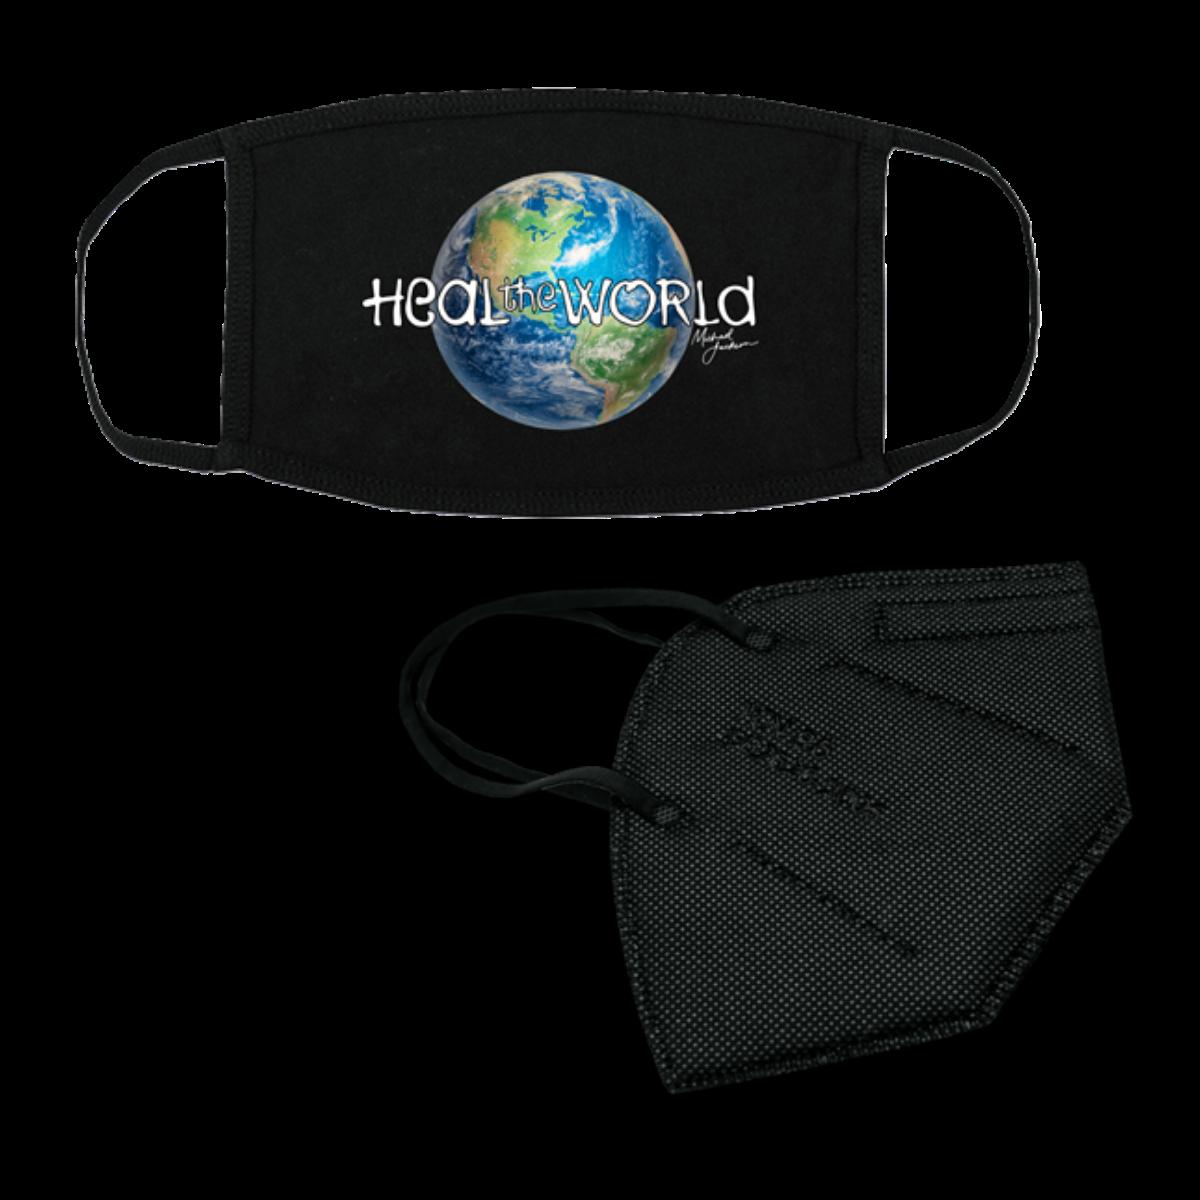 Heal The World V3 Mask